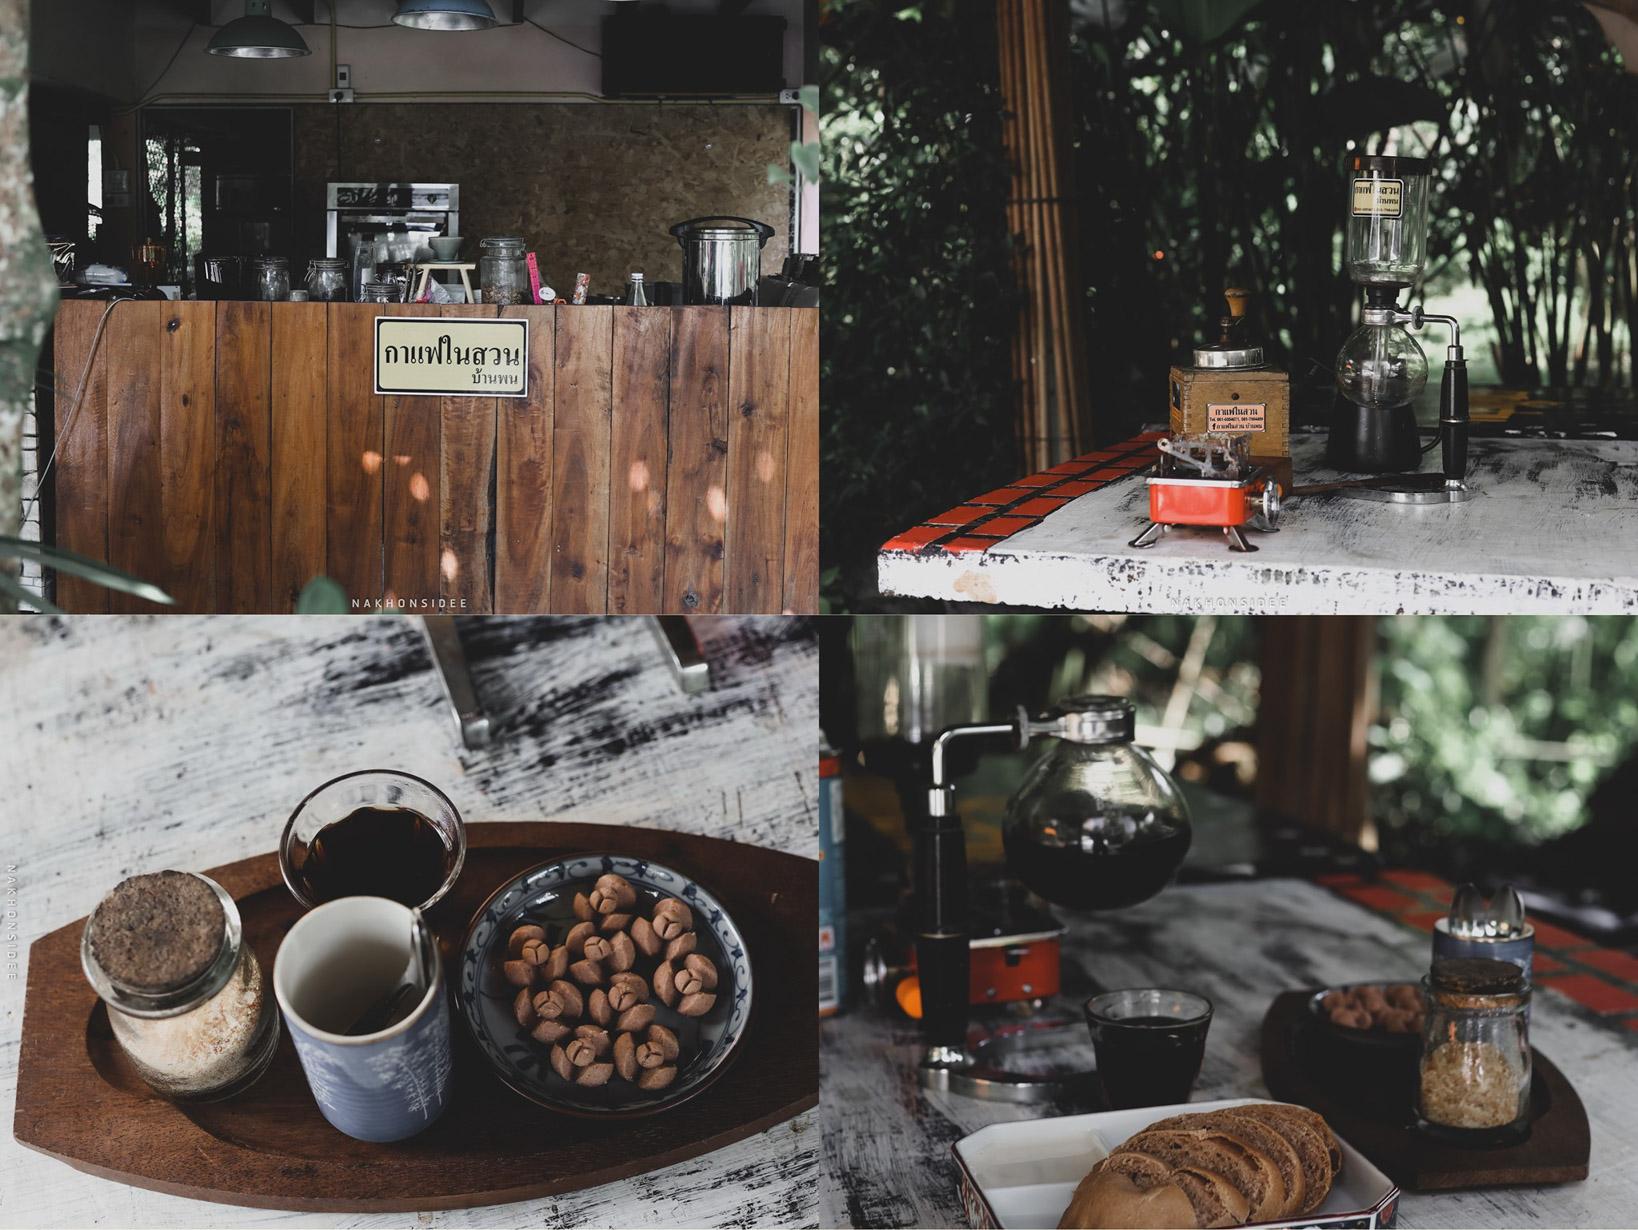 บรรยากาศลับๆ เงียบสงบๆ สบายๆ มีขนมหายาก และกาแฟคุณภาพ คอยให้บริการ แอดมินทดสอบชิม กาแฟ แบบ ไซม่อน อร่อยดีครับผมพัทลุง,tat,ททท,การท่องเที่ยว,นครศรี,จุดเช็คอิน,กงหรา,พื้นบ้าน